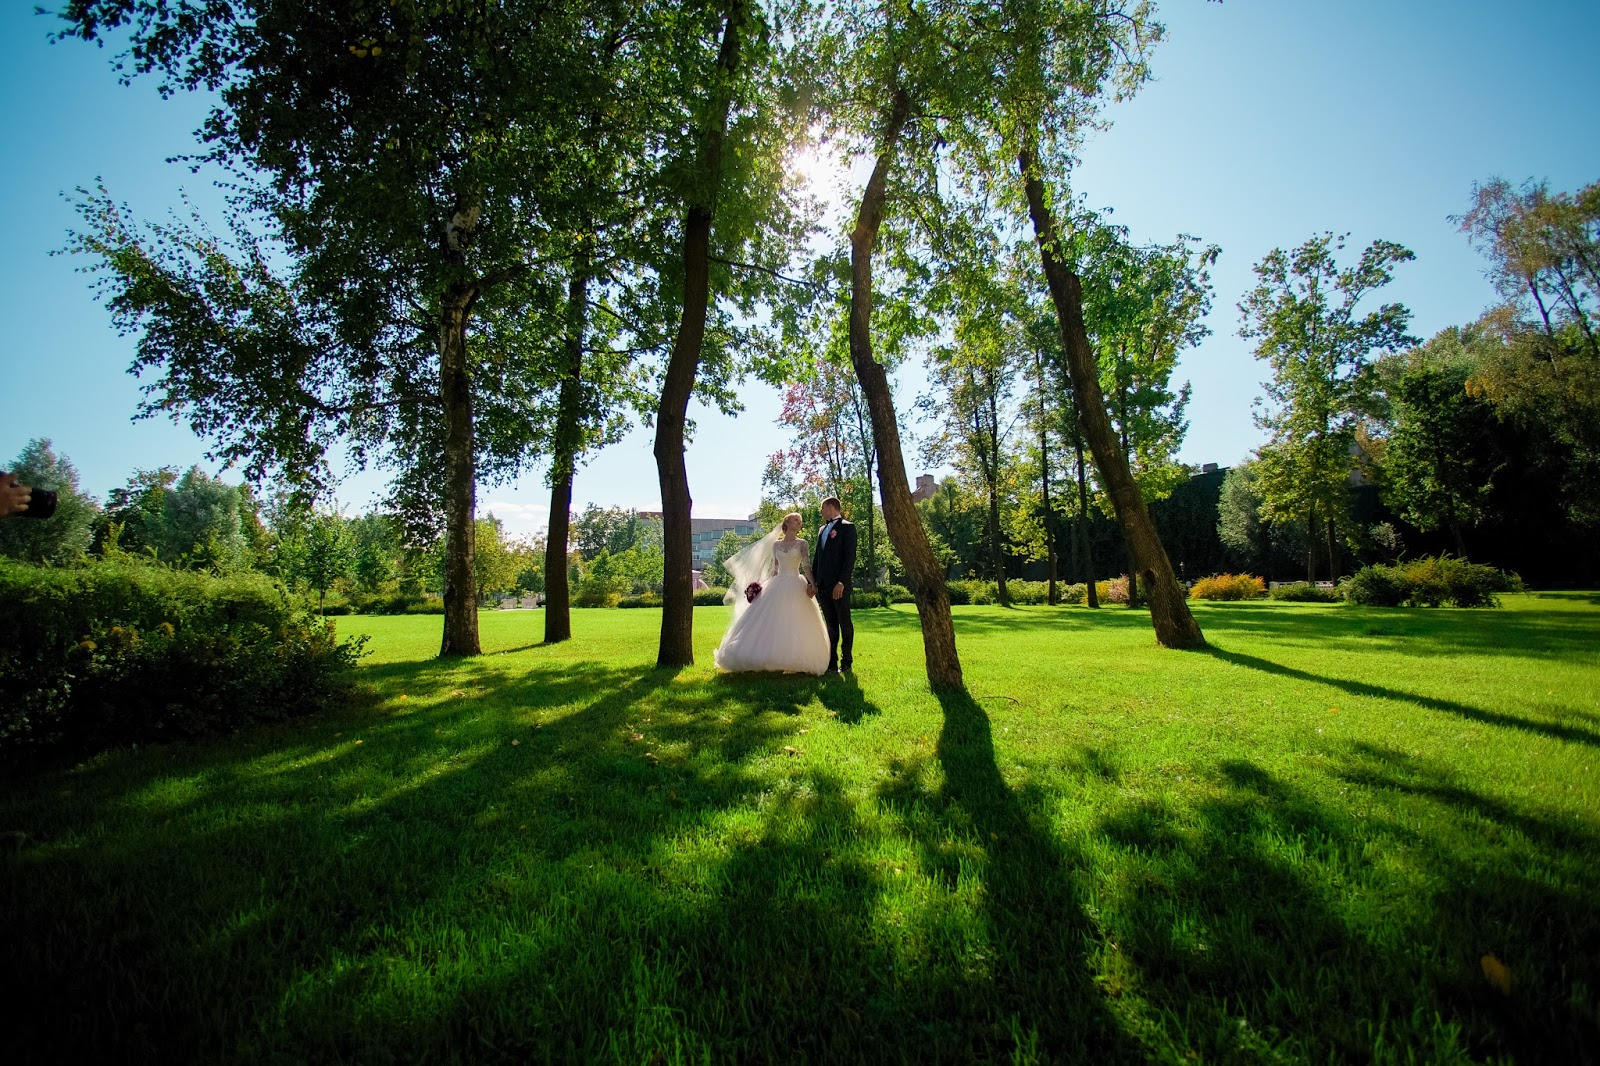 жених с невестой на прогулке по парку